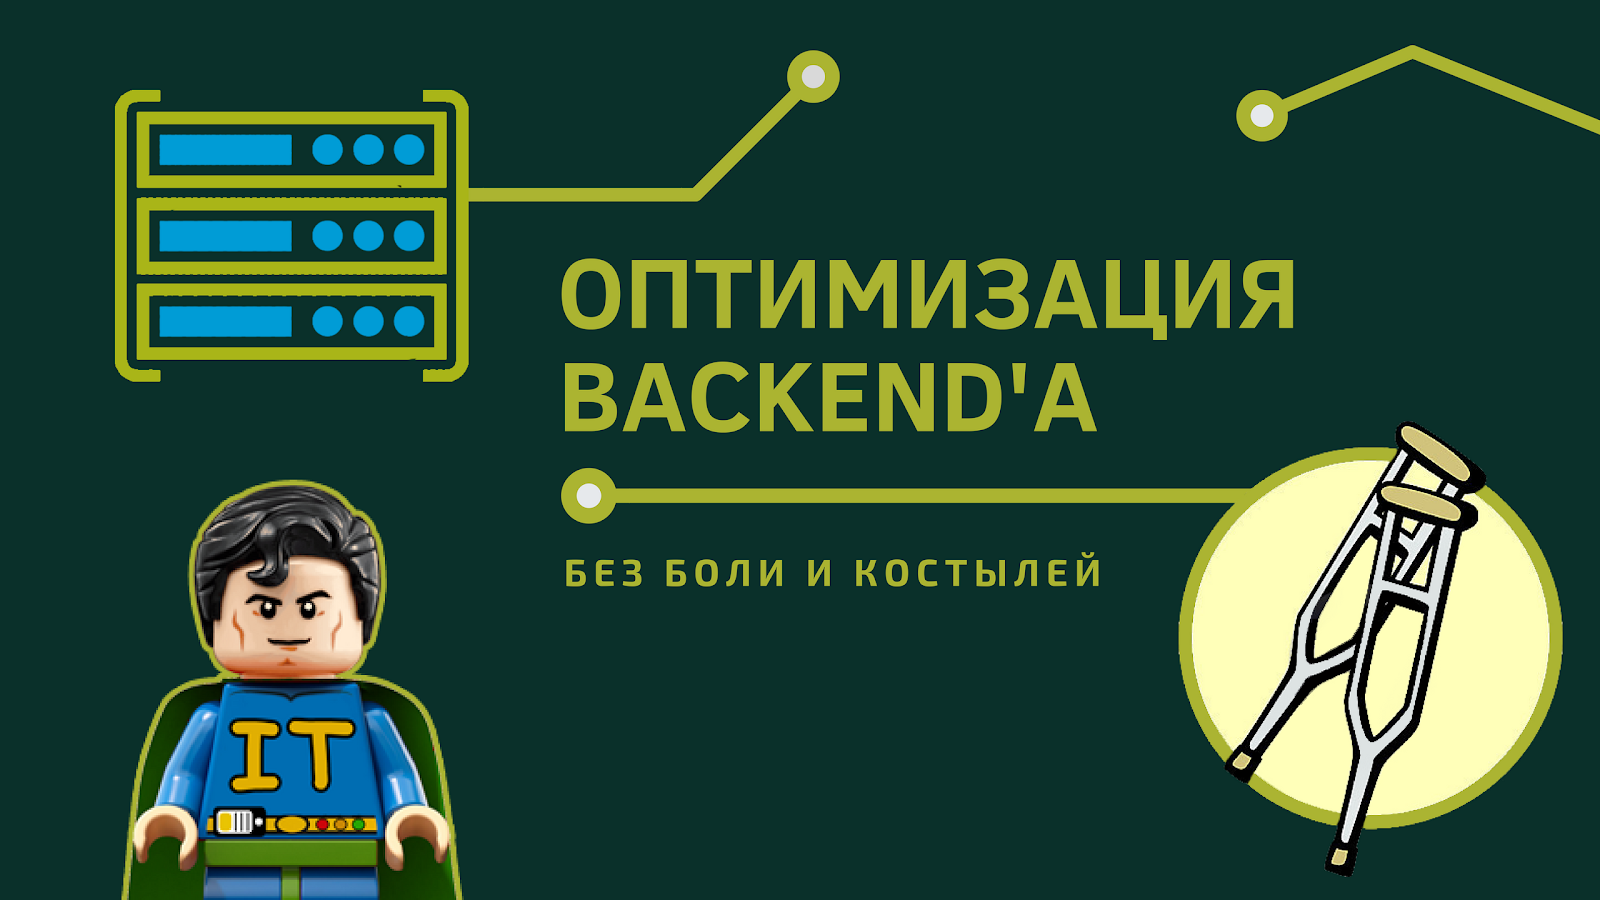 Урок по оптимизации серверной части веб-приложений - 1